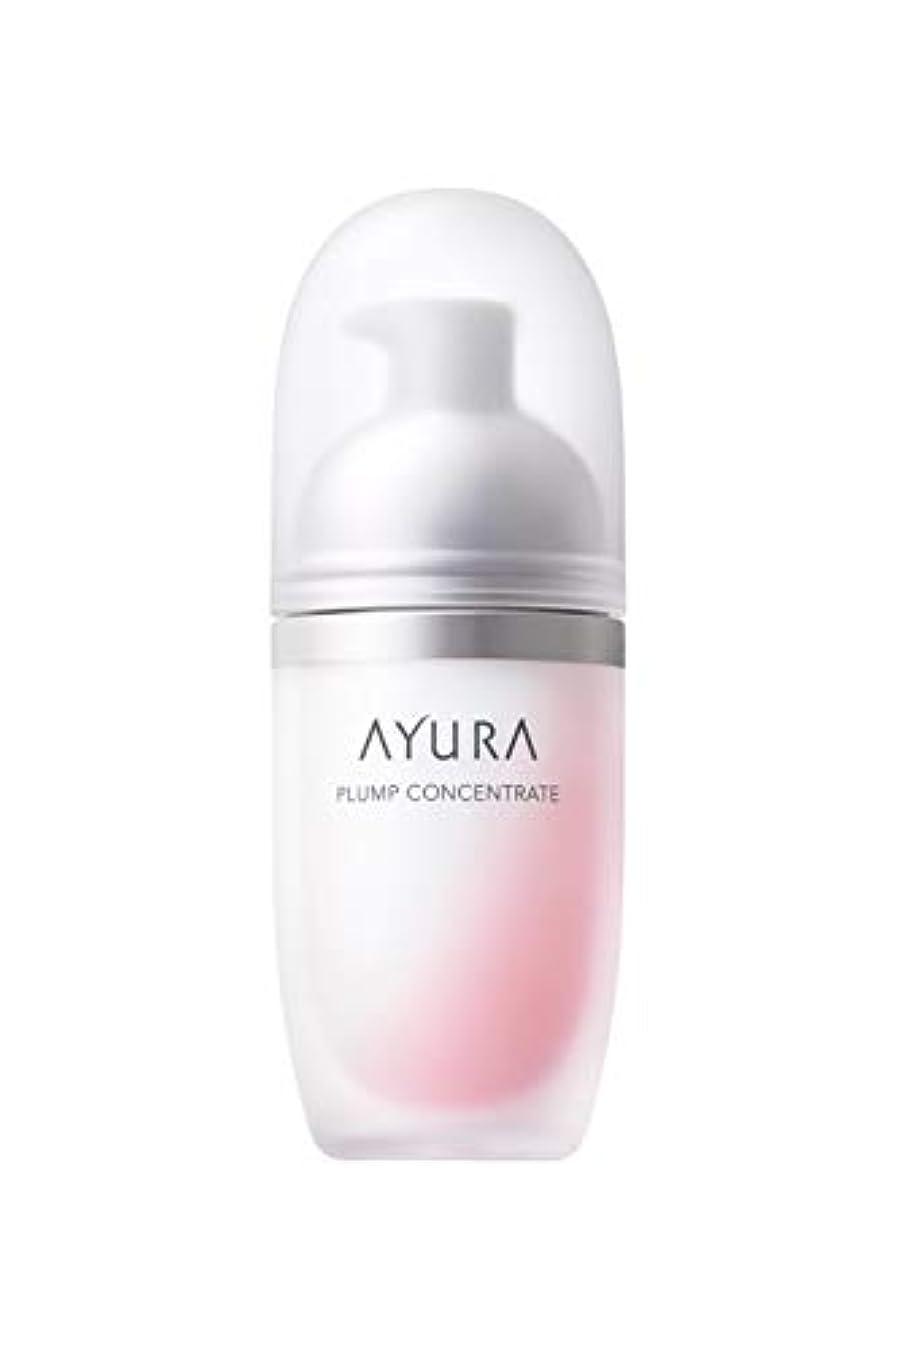 ガソリンいつでもディスカウントアユーラ (AYURA) プランプコンセントレート 40mL 〈 美容液 〉 もっちりとした ハリ感を生む エイジングケア 美容液